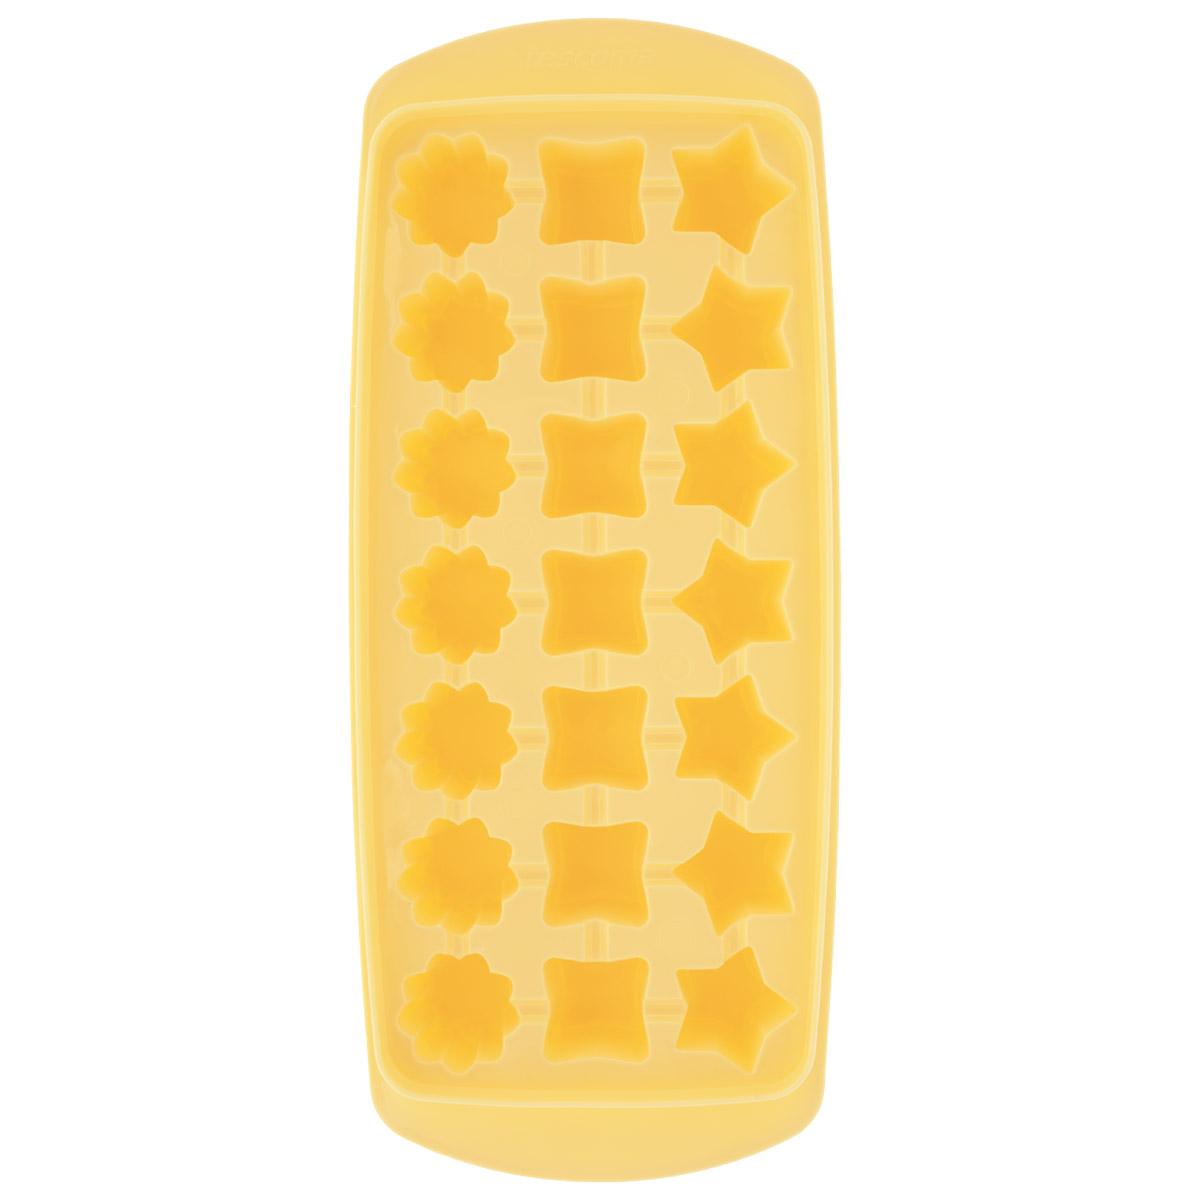 Форма для льда Tescoma Presto, цвет: желтый, 21 ячейка420706 желтыйФорма для льда Tescoma Presto выполнена из прочного пластика. За один раз вы можете приготовить 21 кубик льда в форме звездочки, квадратика или цветочка. Теперь на смену традиционным квадратным пришли новые оригинальные формы для приготовления фигурного льда, которыми можно не только охладить, но и украсить любой напиток. В формочки при заморозке воды можно помещать ягодки, такие льдинки не только оживят коктейль, но и добавят радостного настроения гостям на празднике!Общий размер формы: 27 см х 11,5 см х 3 см. Средний размер ячейки: 2,5 см х 2,5 см. Количество ячеек: 21 шт.